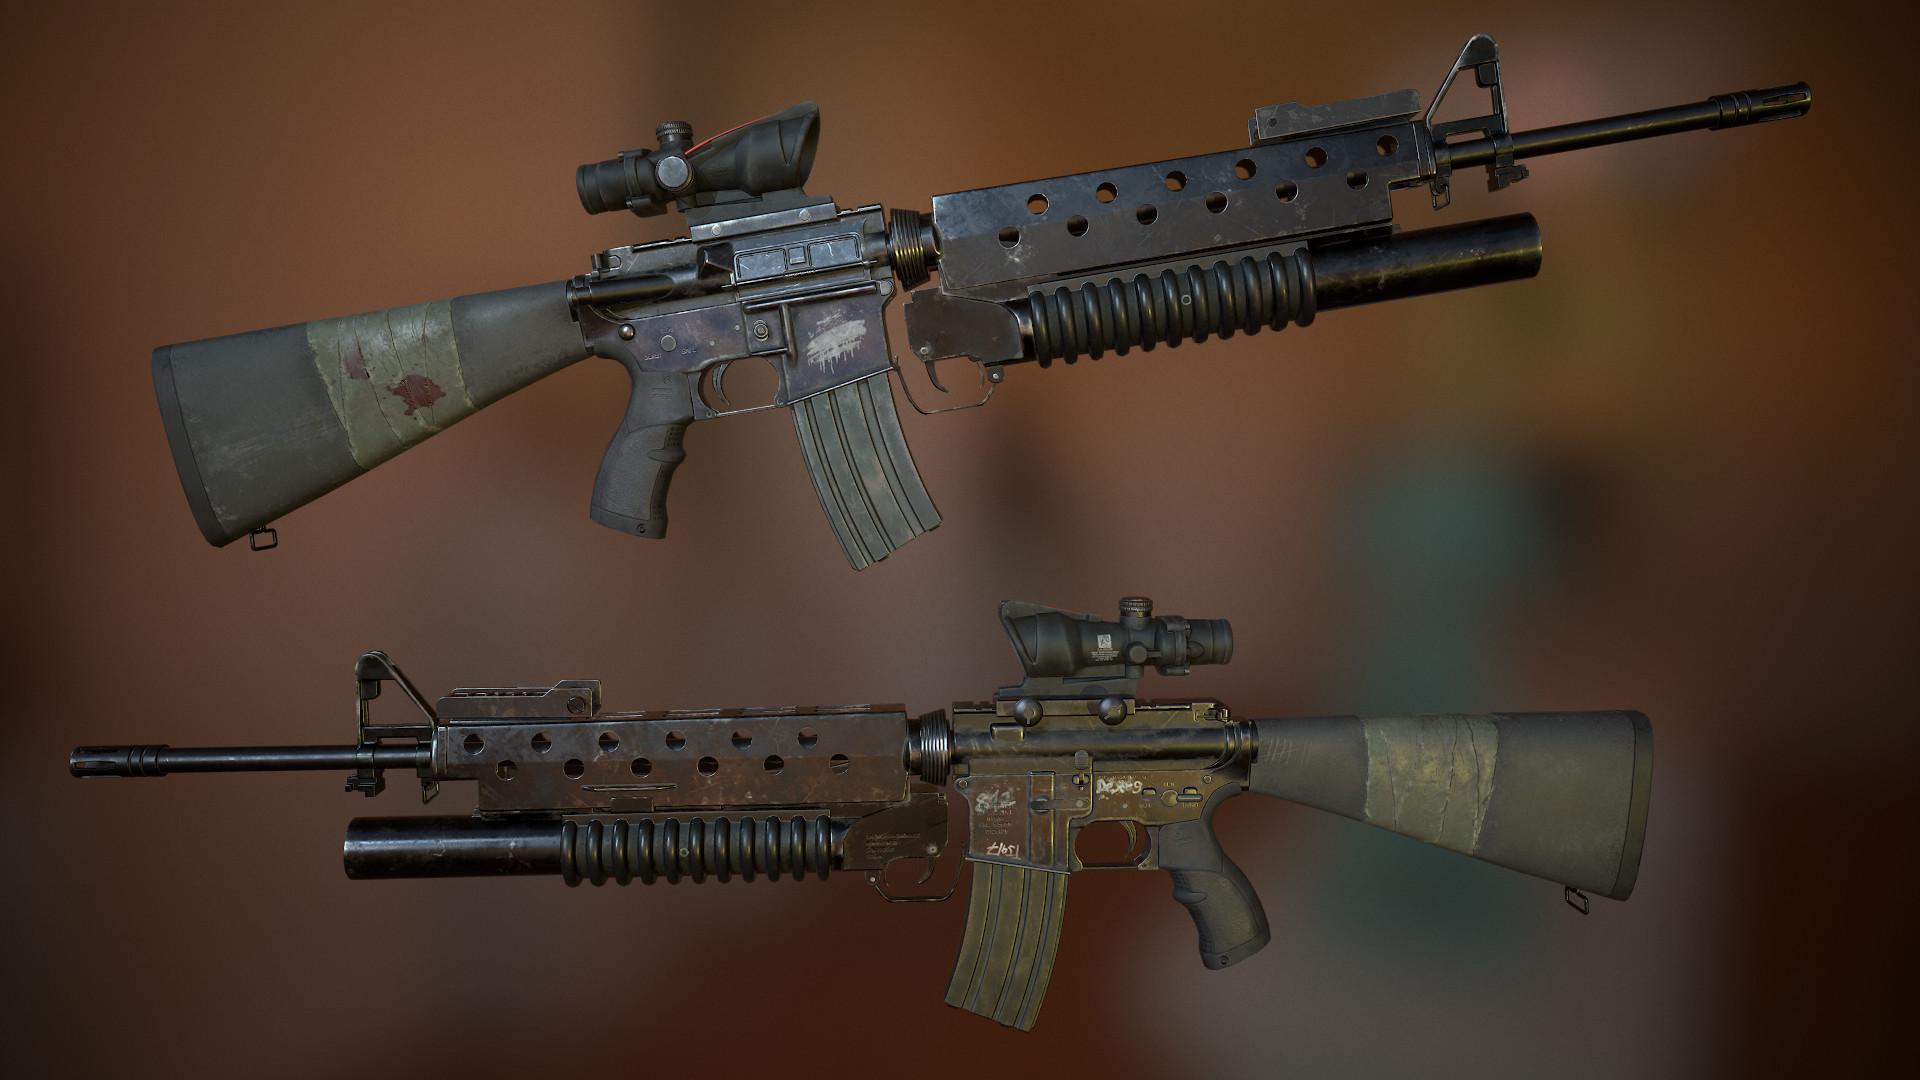 sergey kunmay colt m16a4 rifle